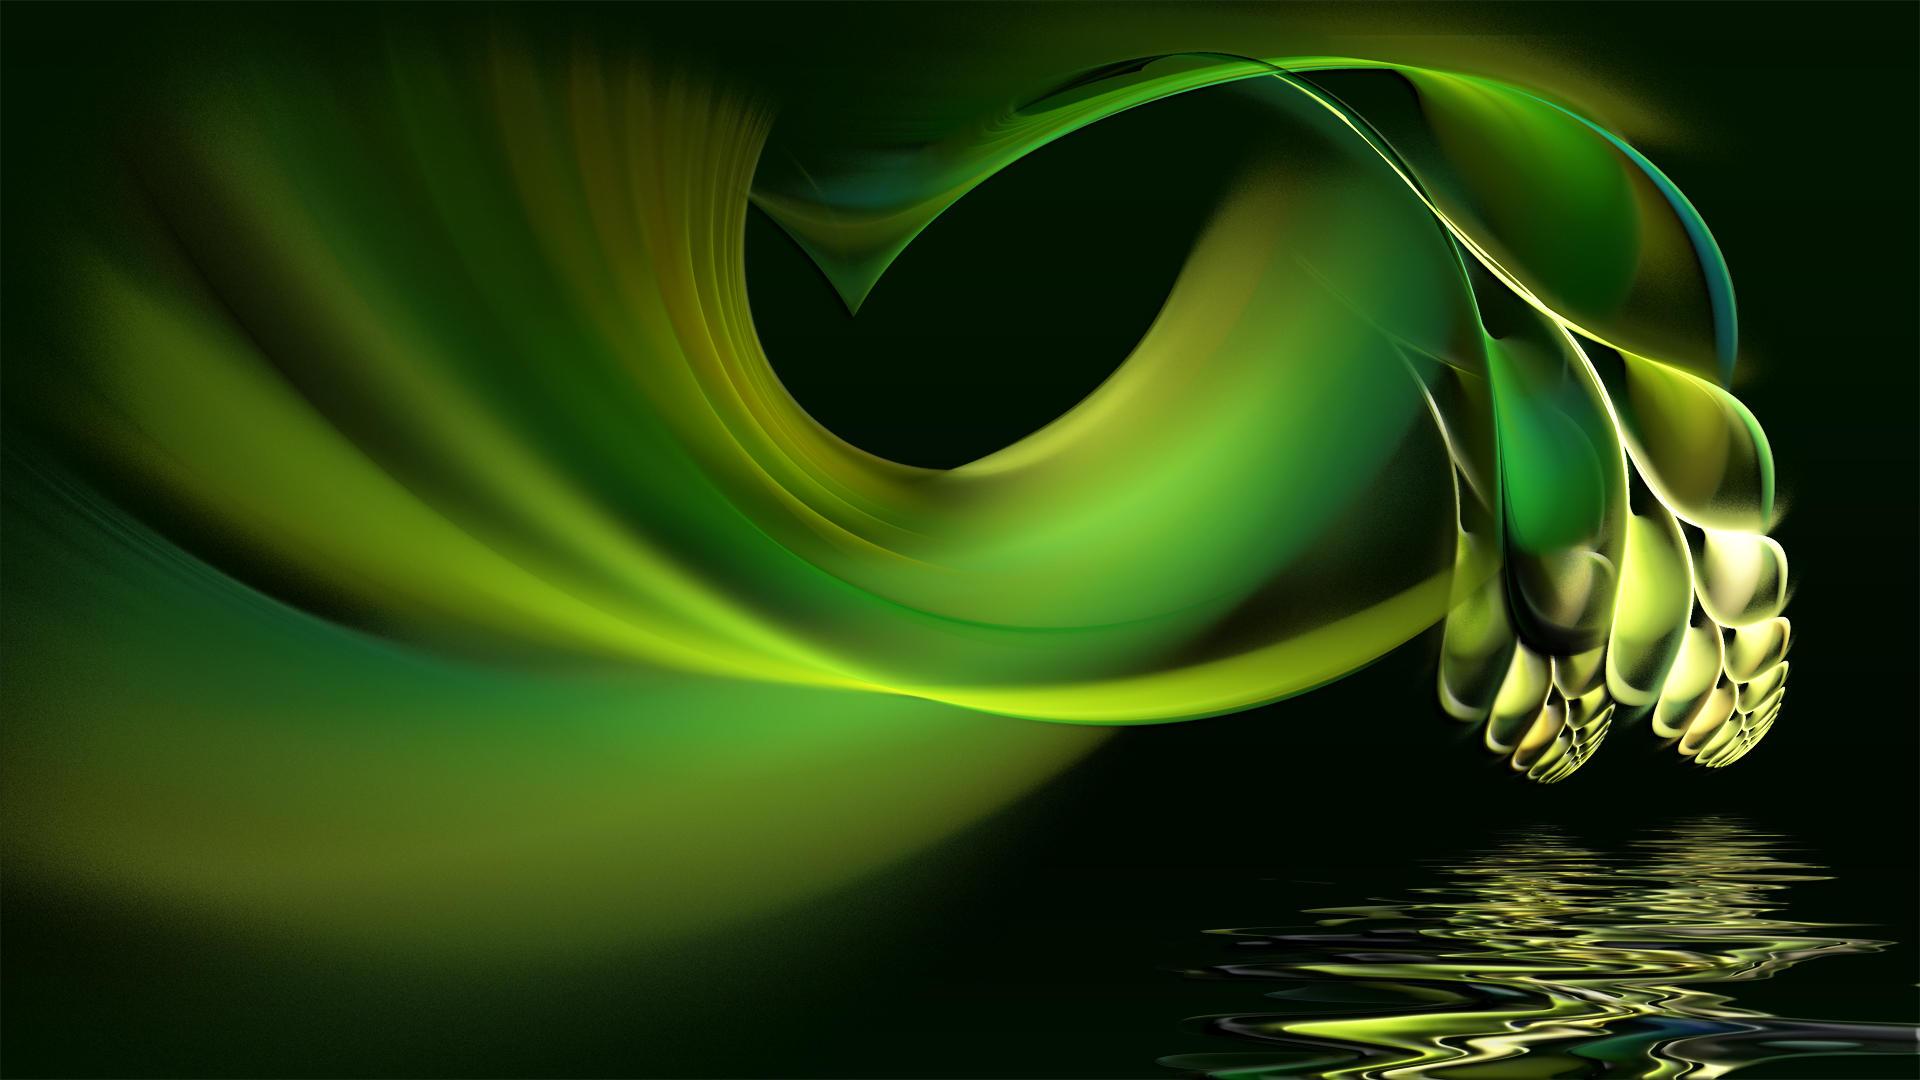 Emerald Sea by Frankief